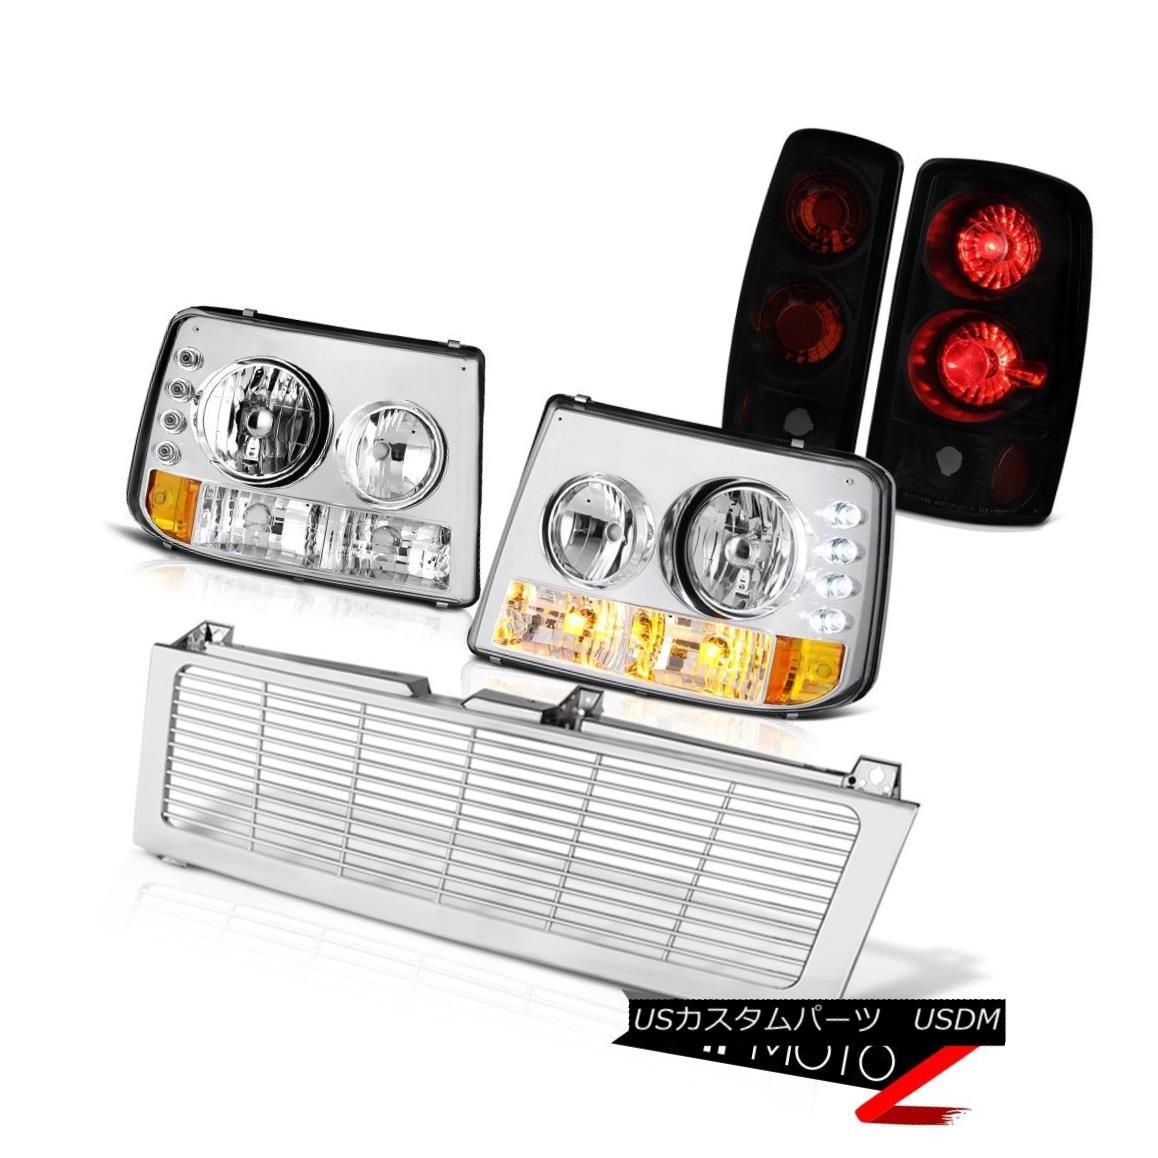 テールライト 00 01 02 03 04 Suburban 2500 Signal Headlamp Brake Tail Light Euro Chrome Grille 00 01 02 03 04郊外2500信号ヘッドランプブレーキテールライトユーロクロームグリル